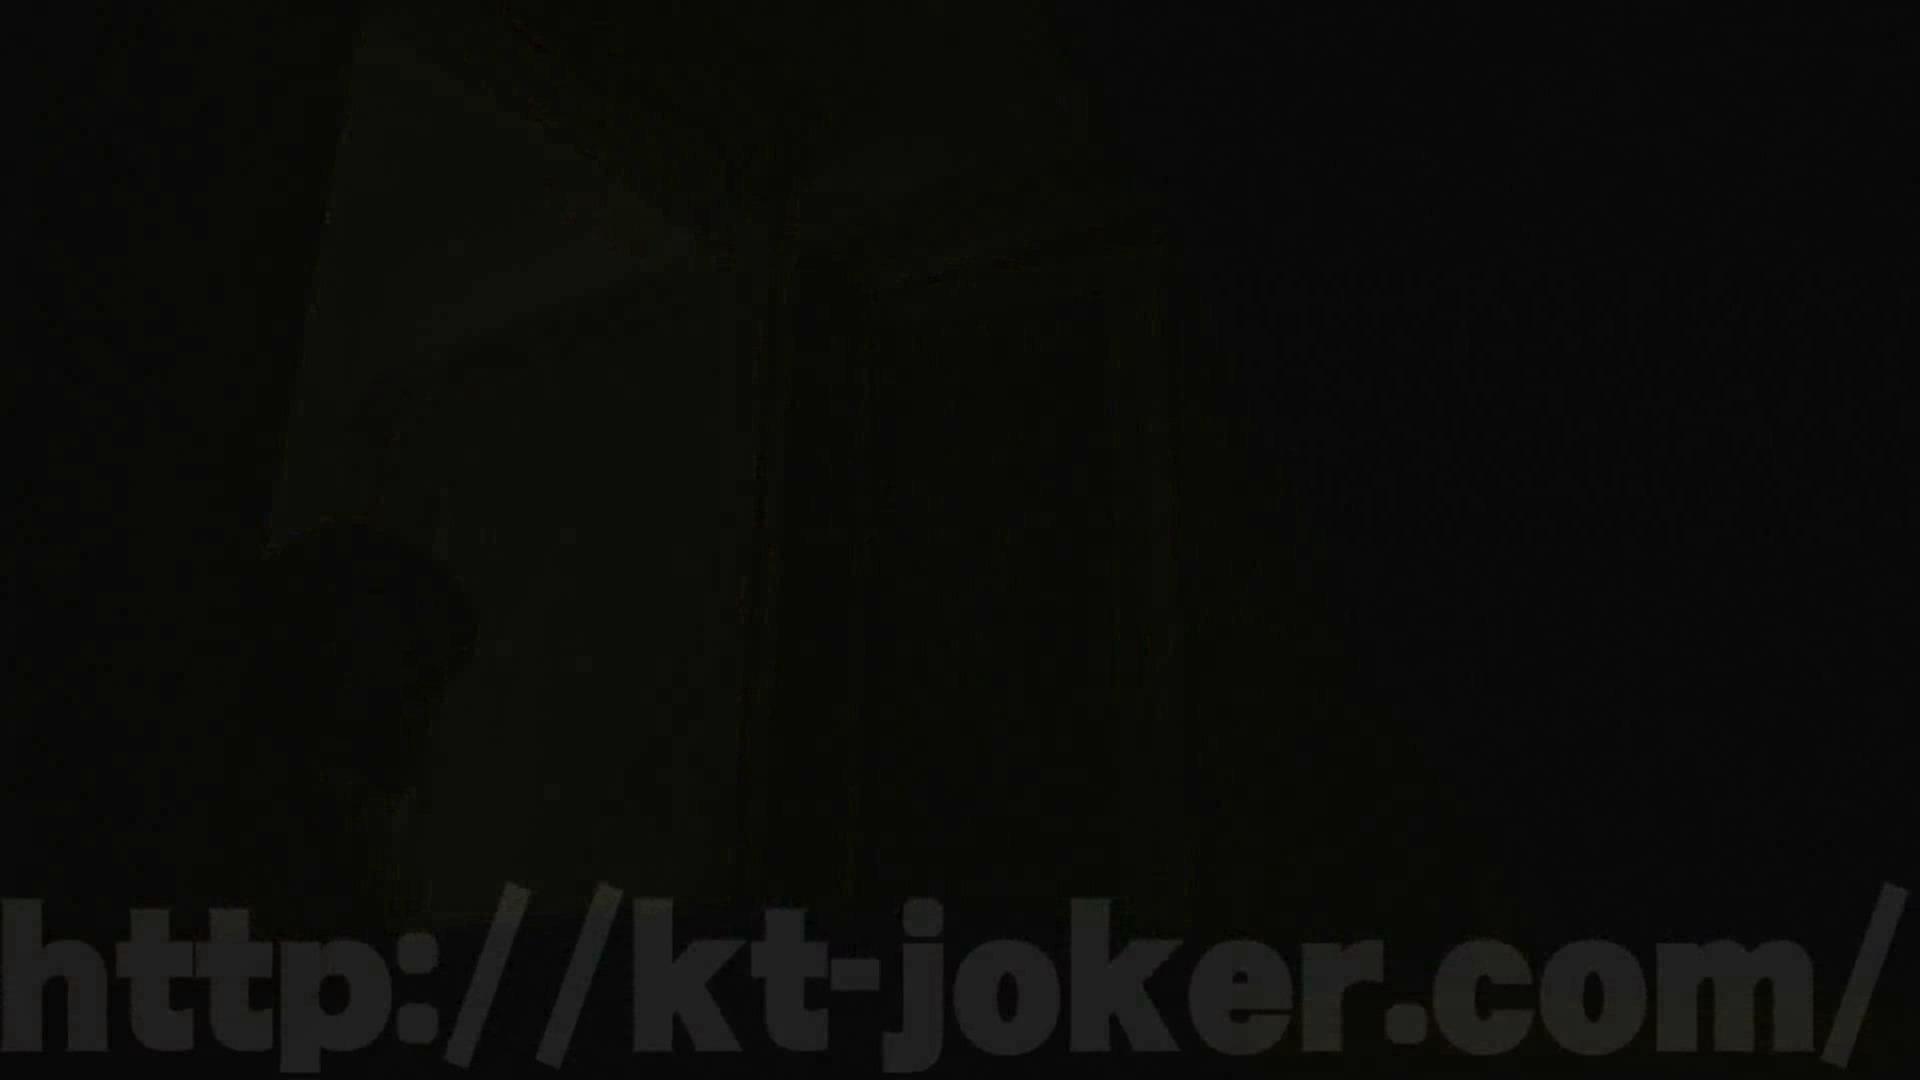 イ・タ・ズ・ラ劇場 Vol.46 知人 覗きおまんこ画像 108連発 24